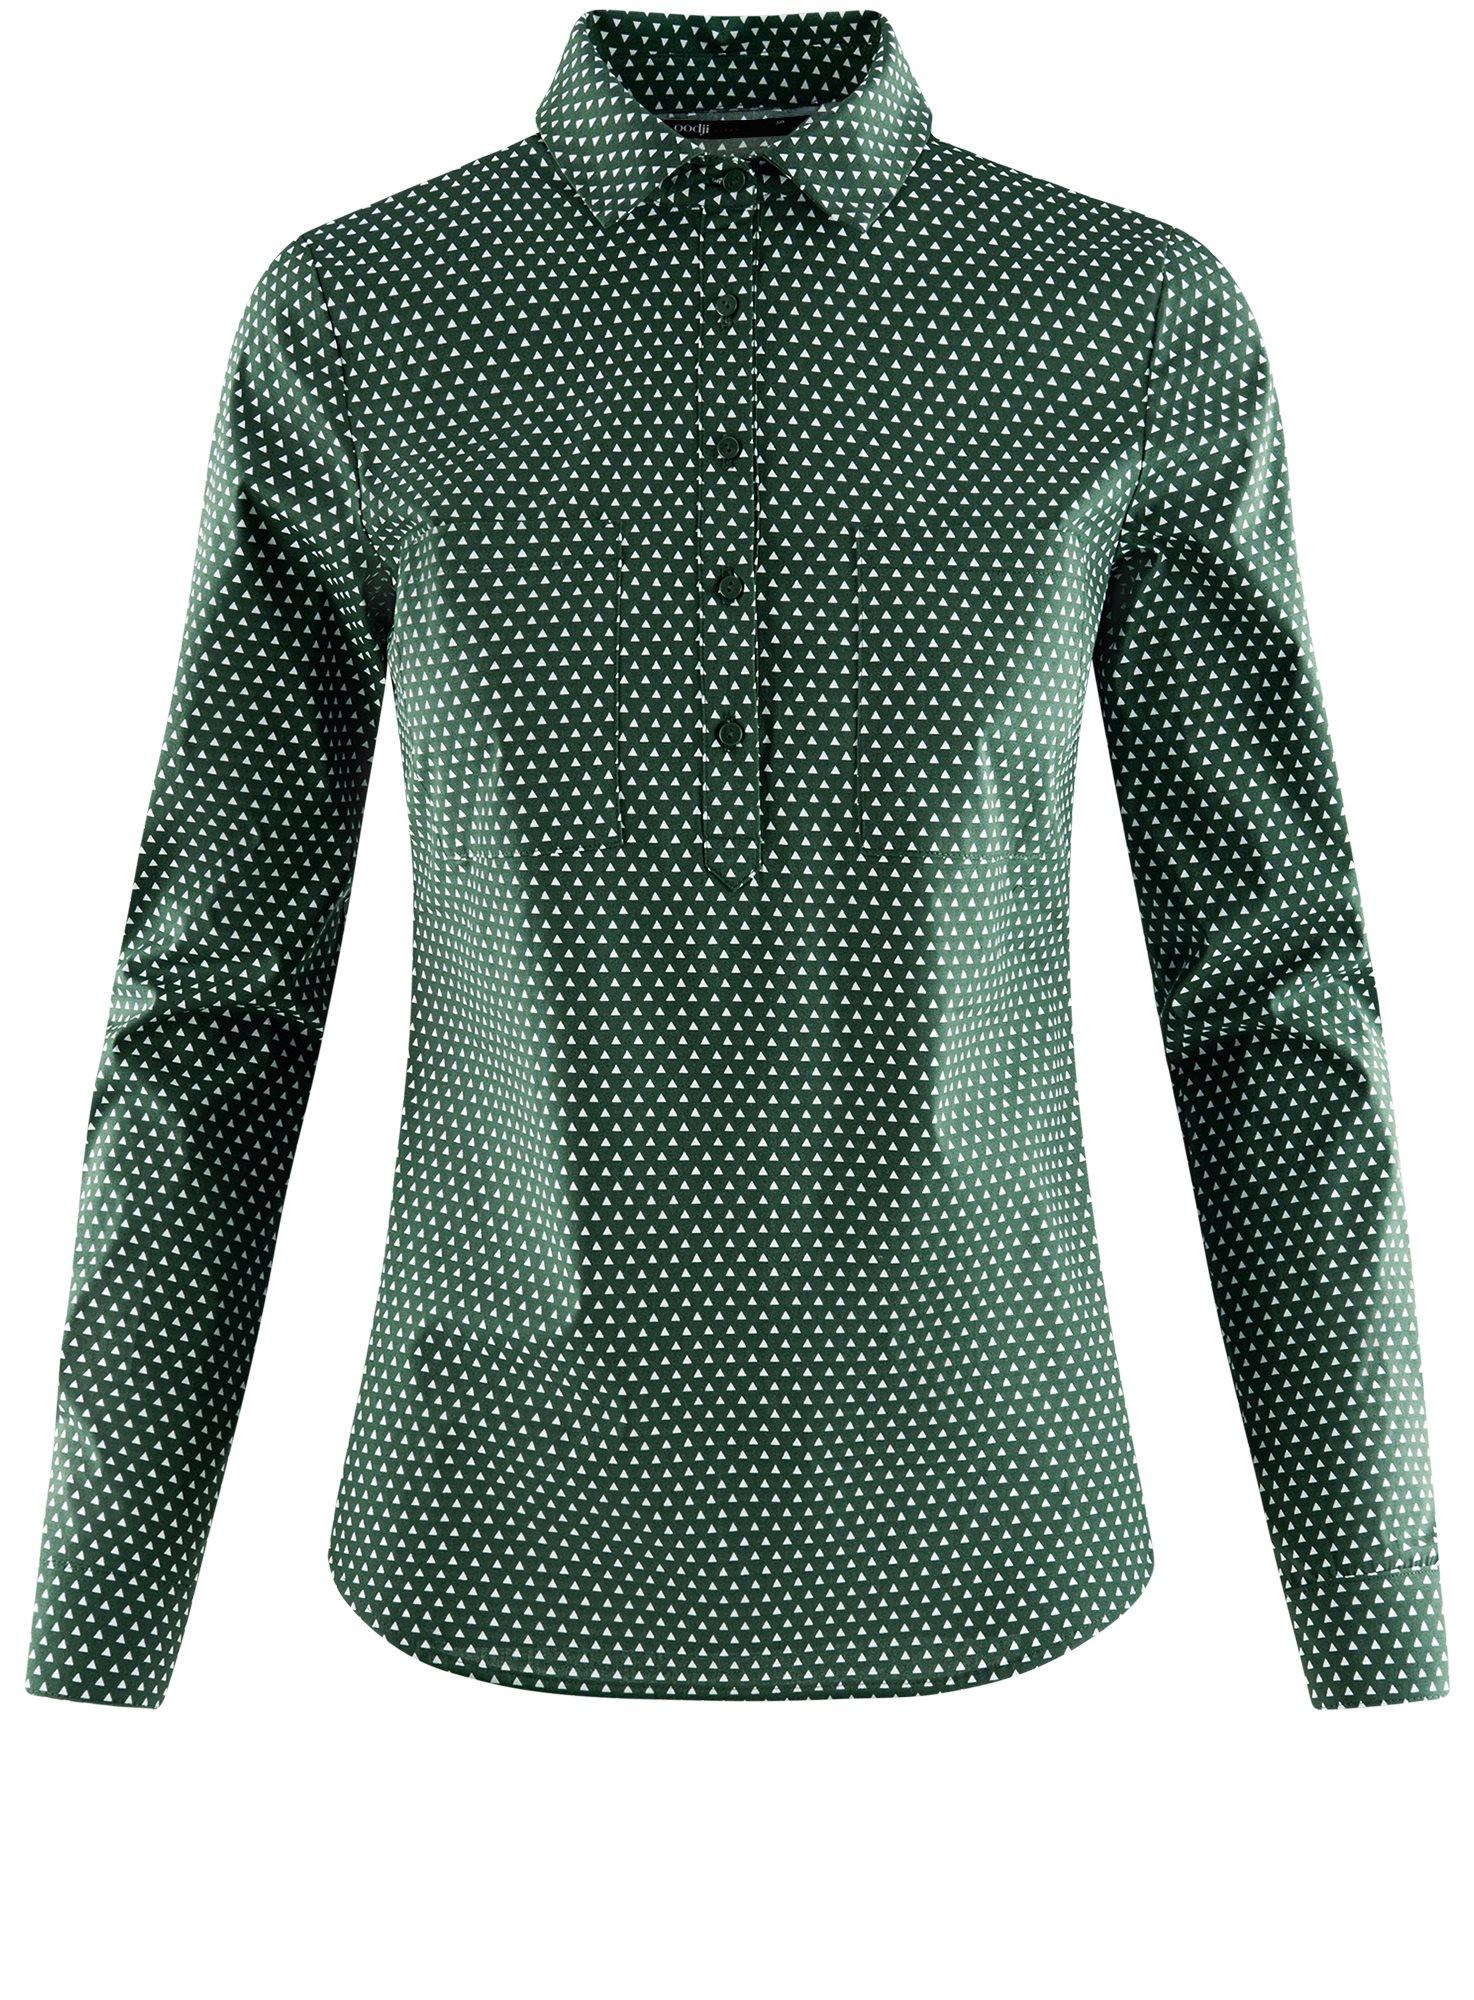 Рубашка базовая с нагрудными карманами oodji для женщины (зеленый), 11403222B/42468/6910G